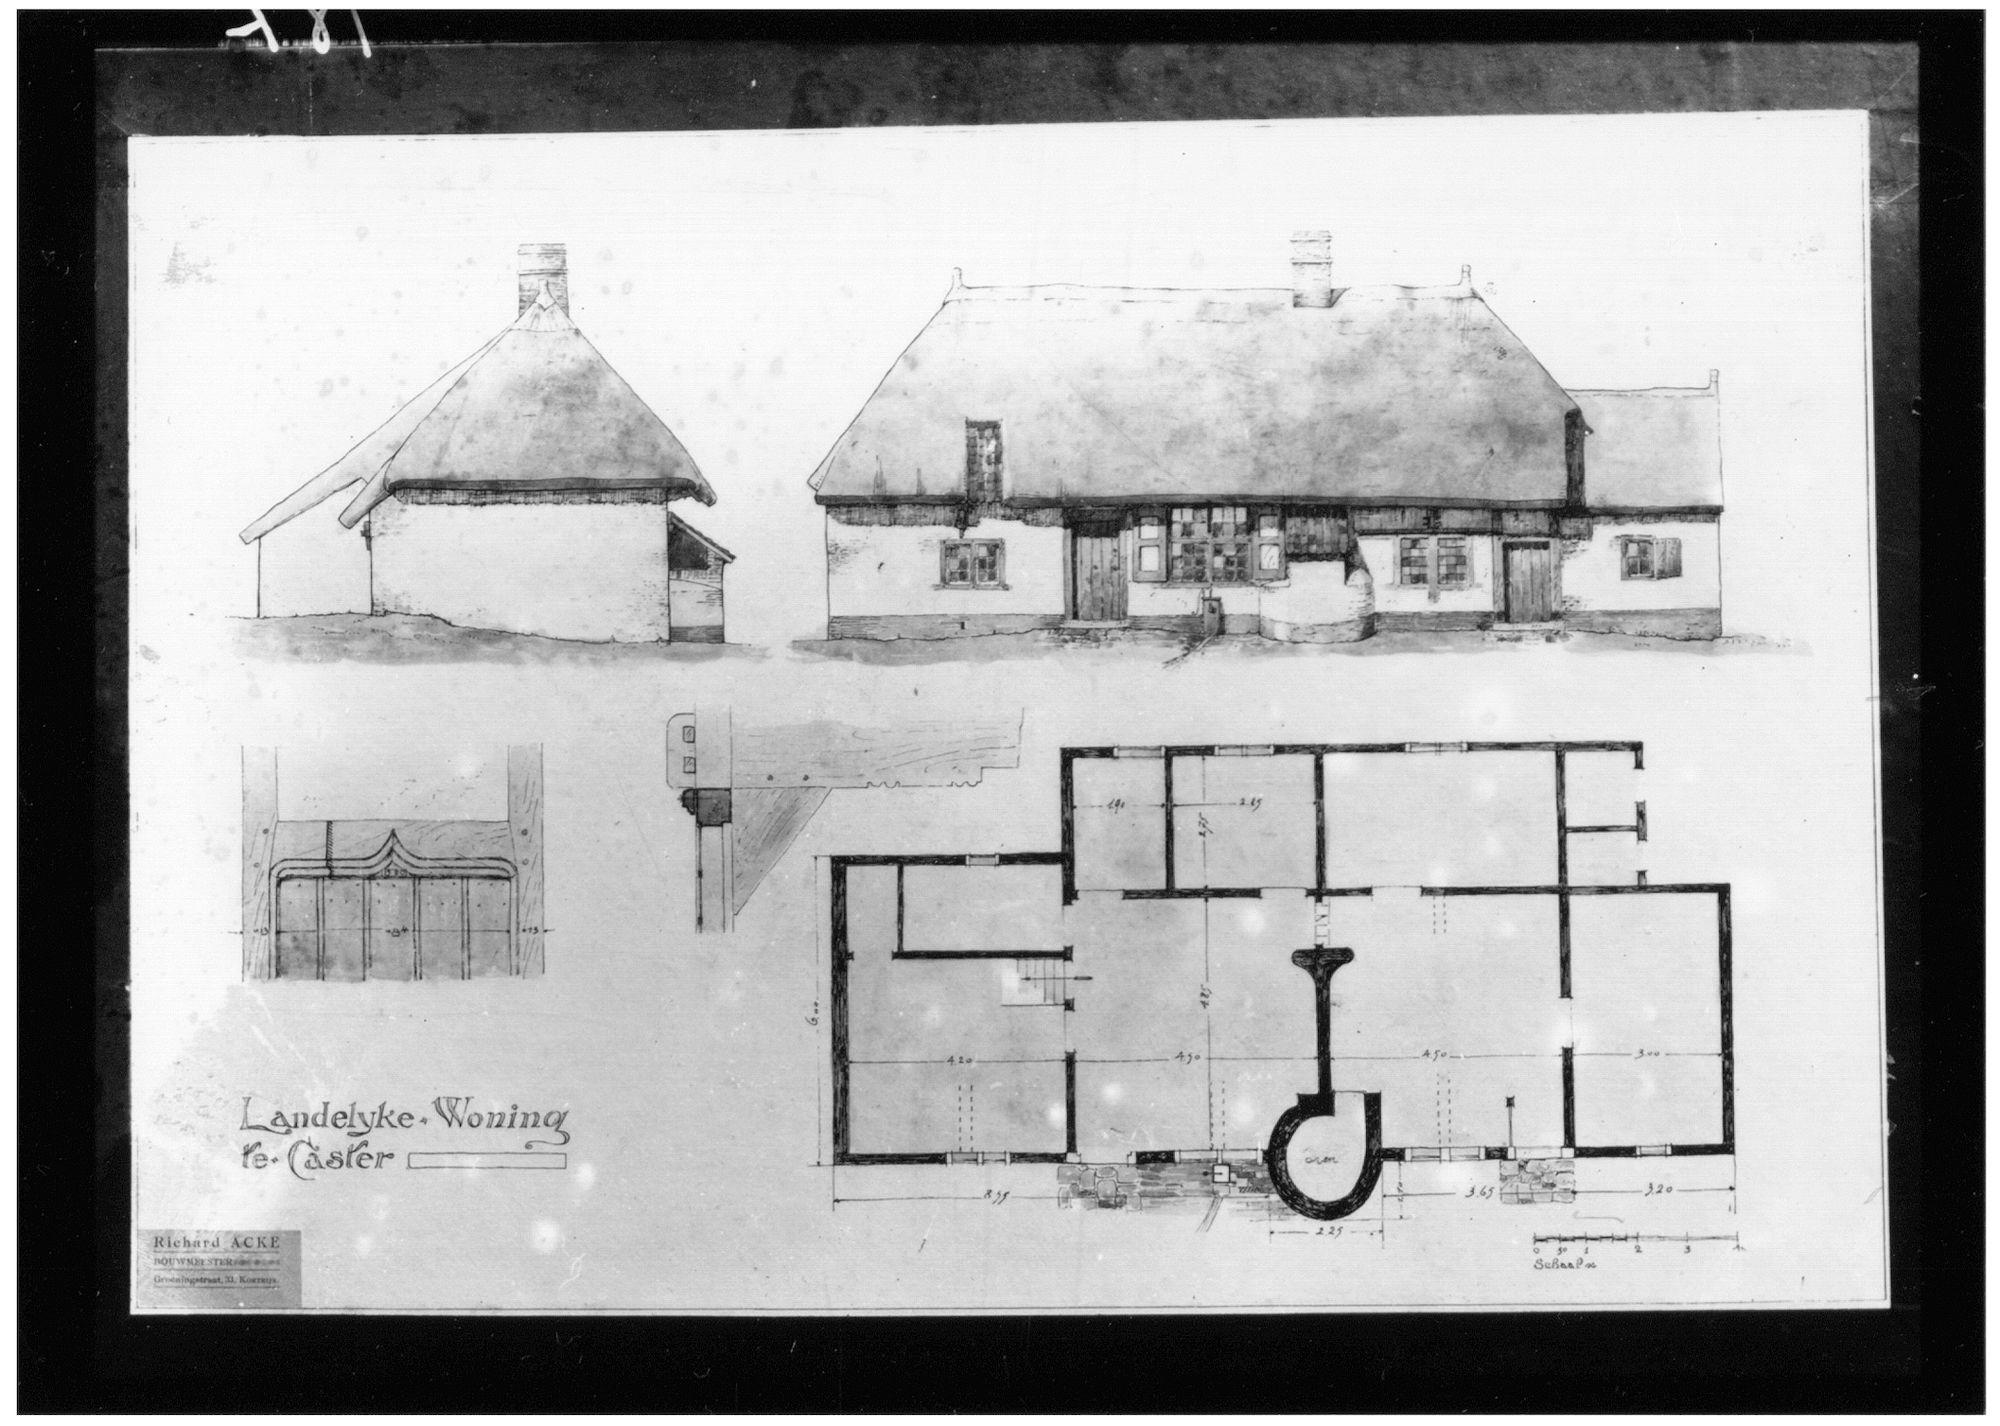 Westflandrica - Ontwerp voor een landelijke woning van Richard Acke